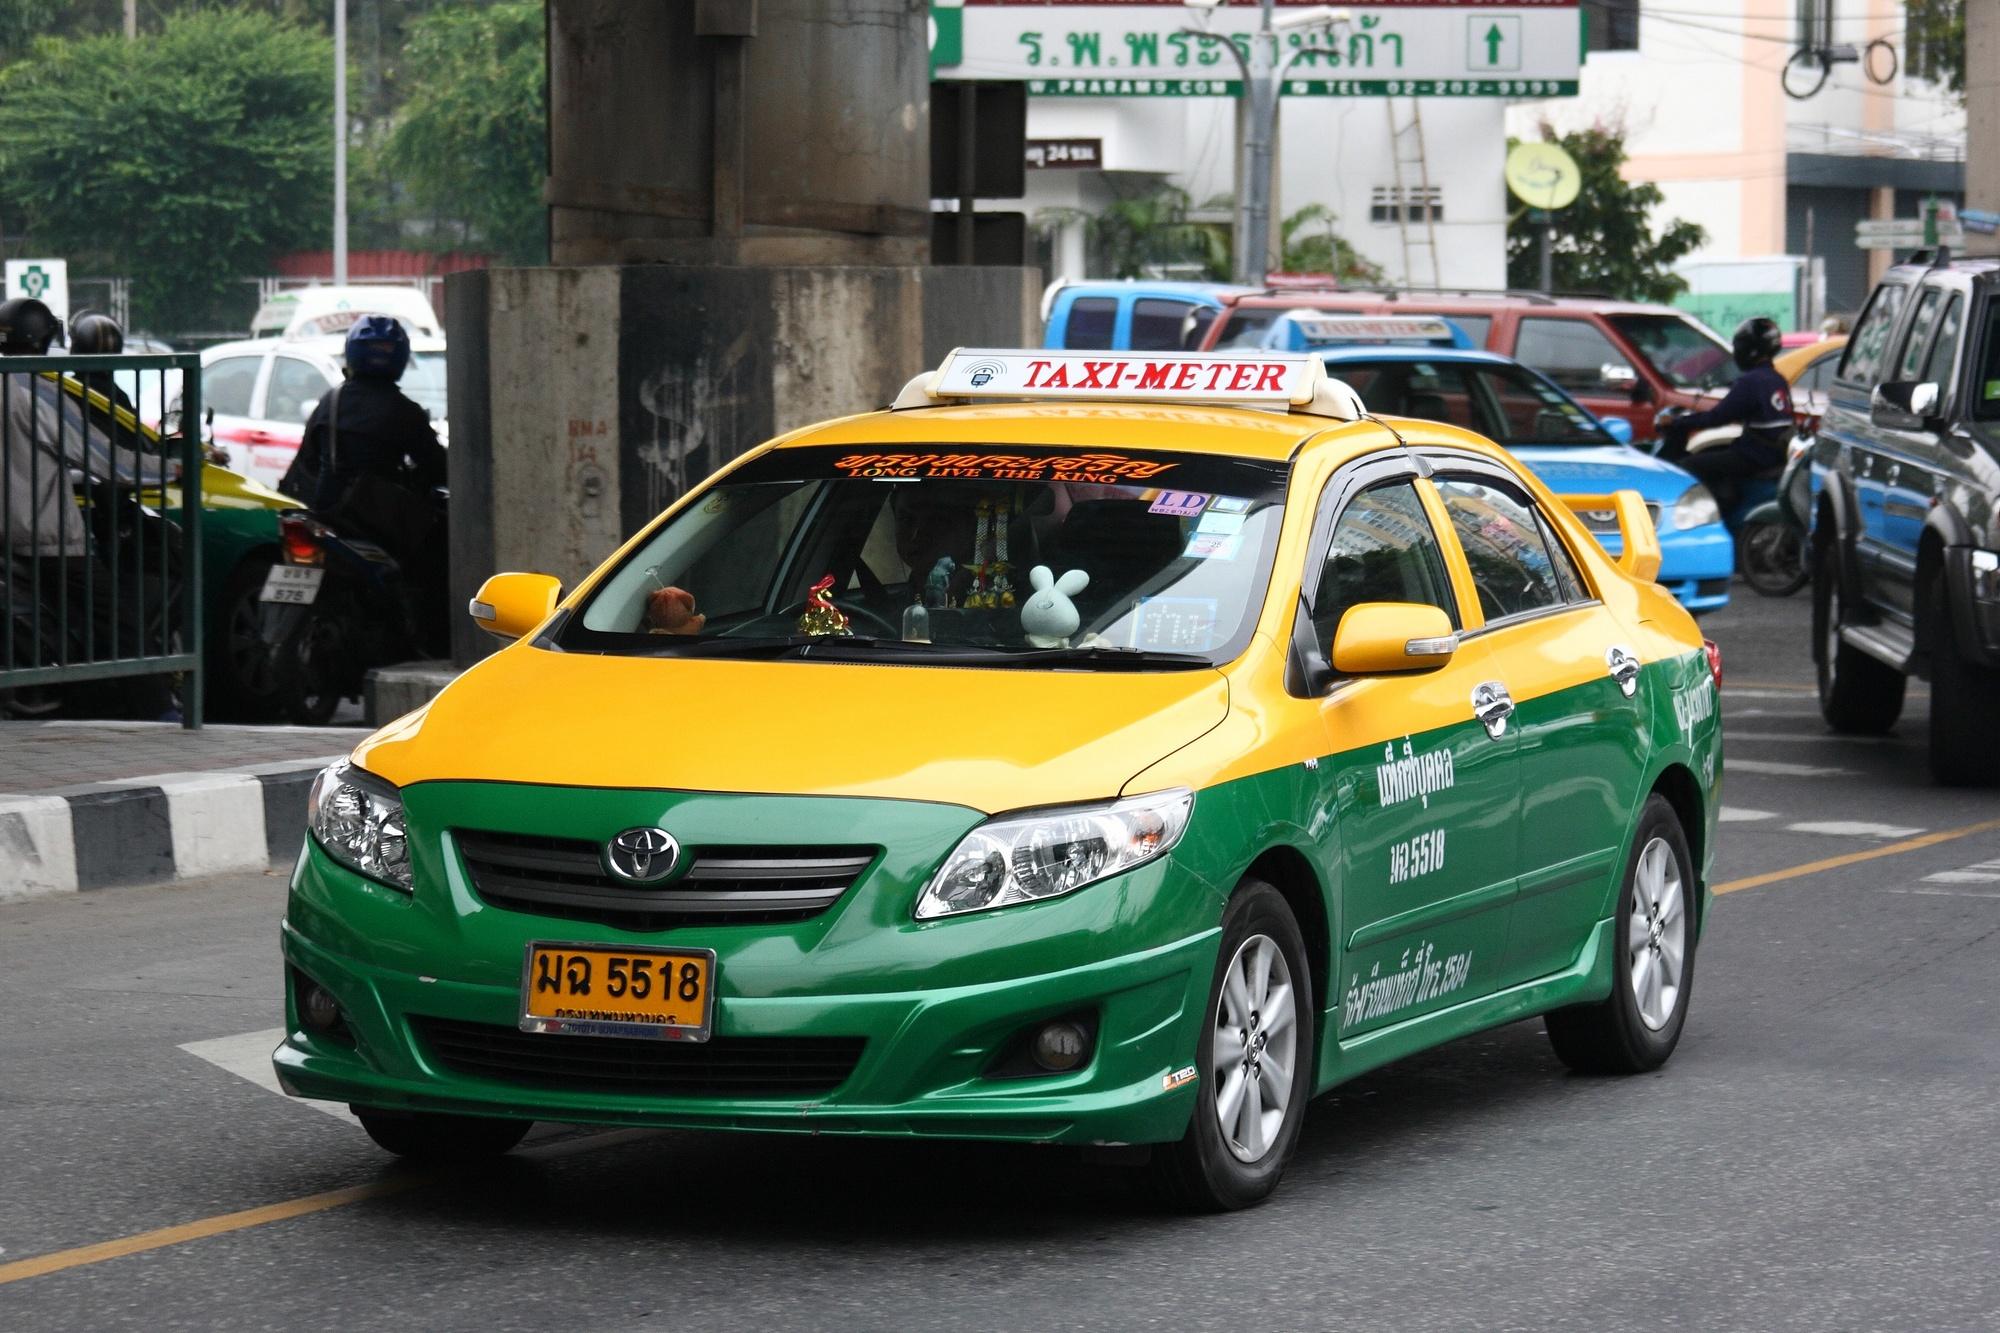 Taxi meter in Bangkok 04